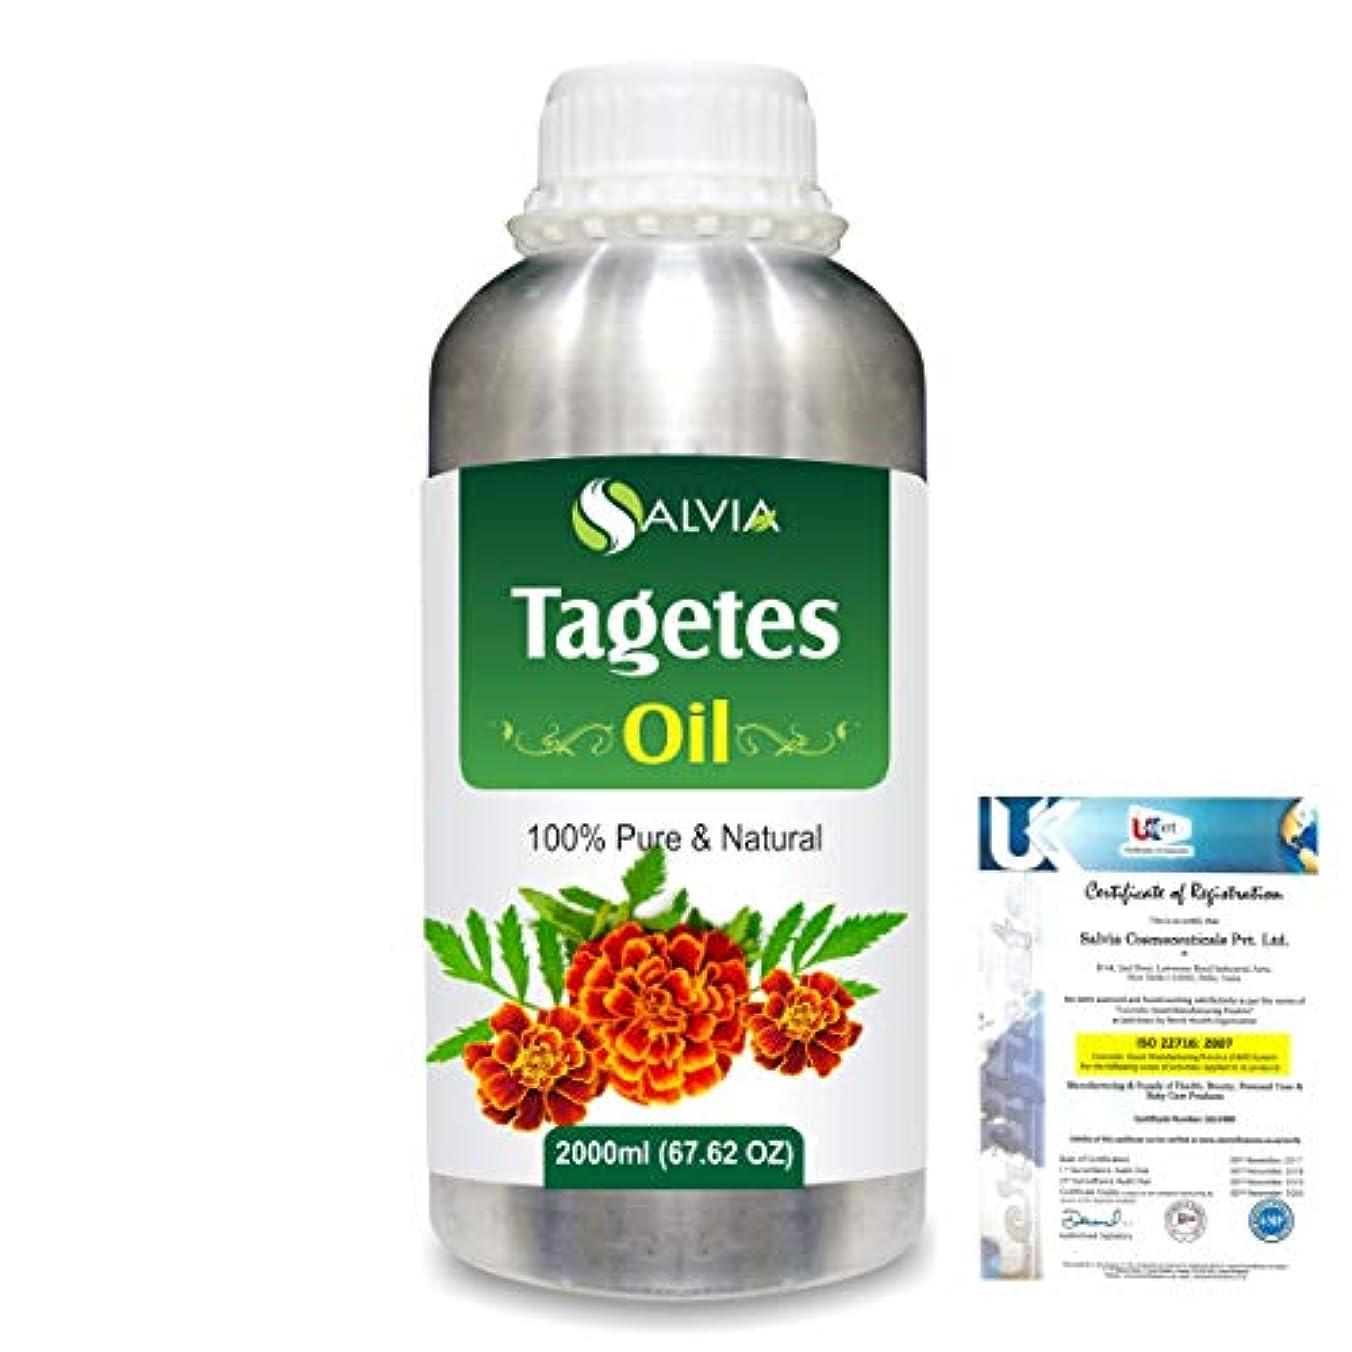 背が高いポルトガル語半径Tagetes (Tagetes Minuta) 100% Pure Natural Essential Oil 2000ml/67 fl.oz.